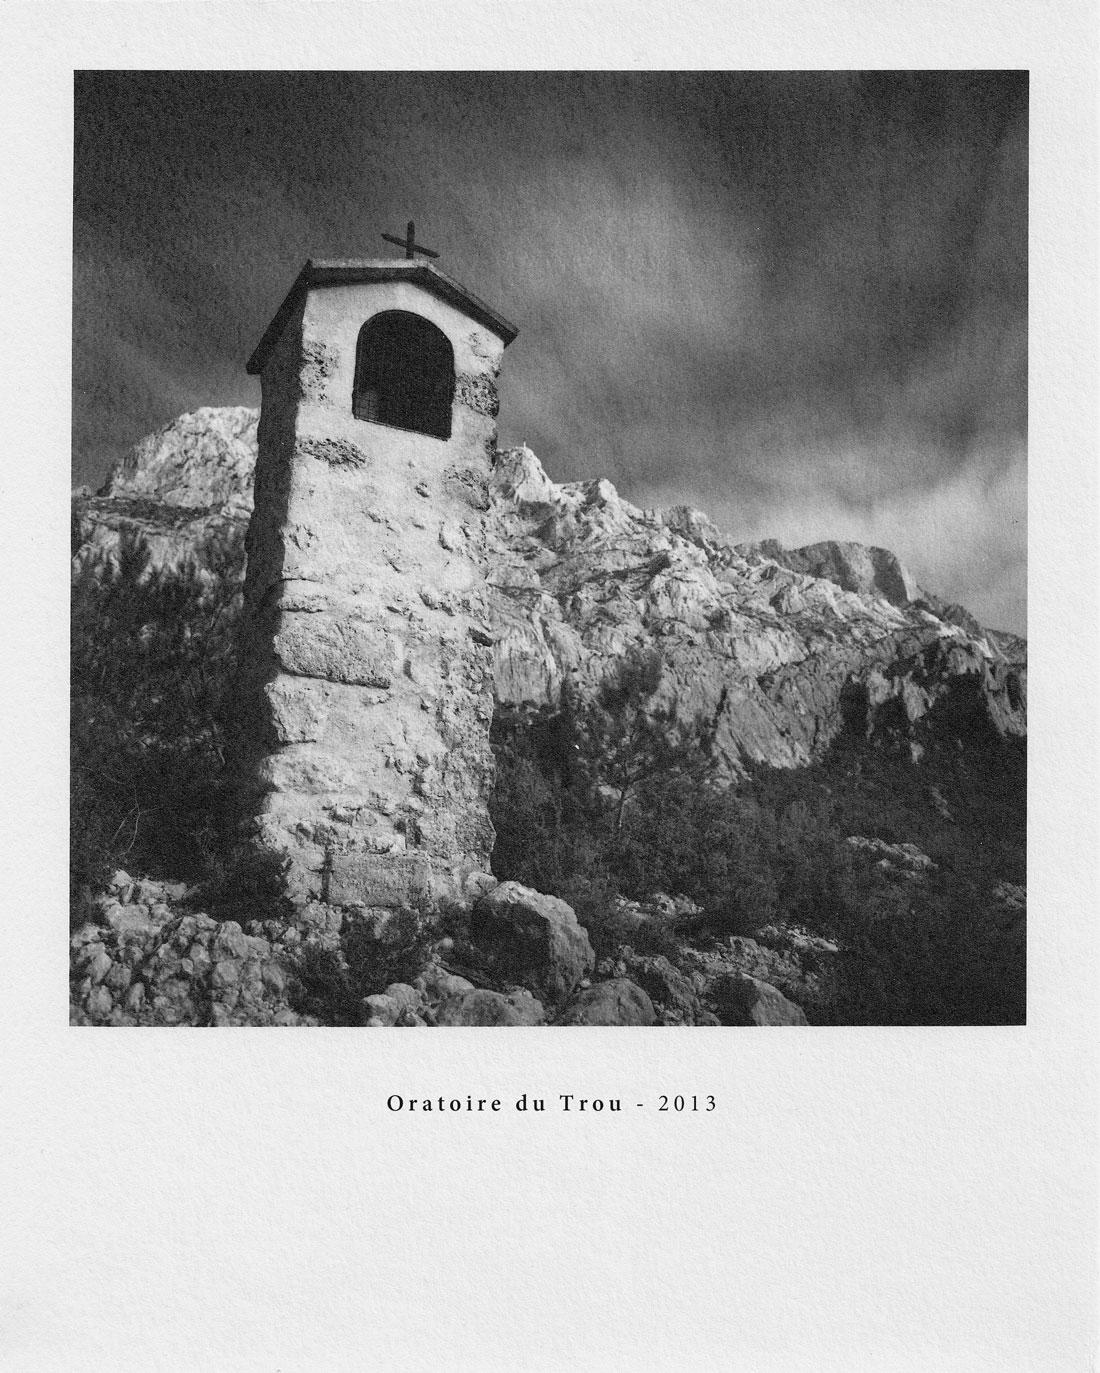 25-Oratoire-du-Trou